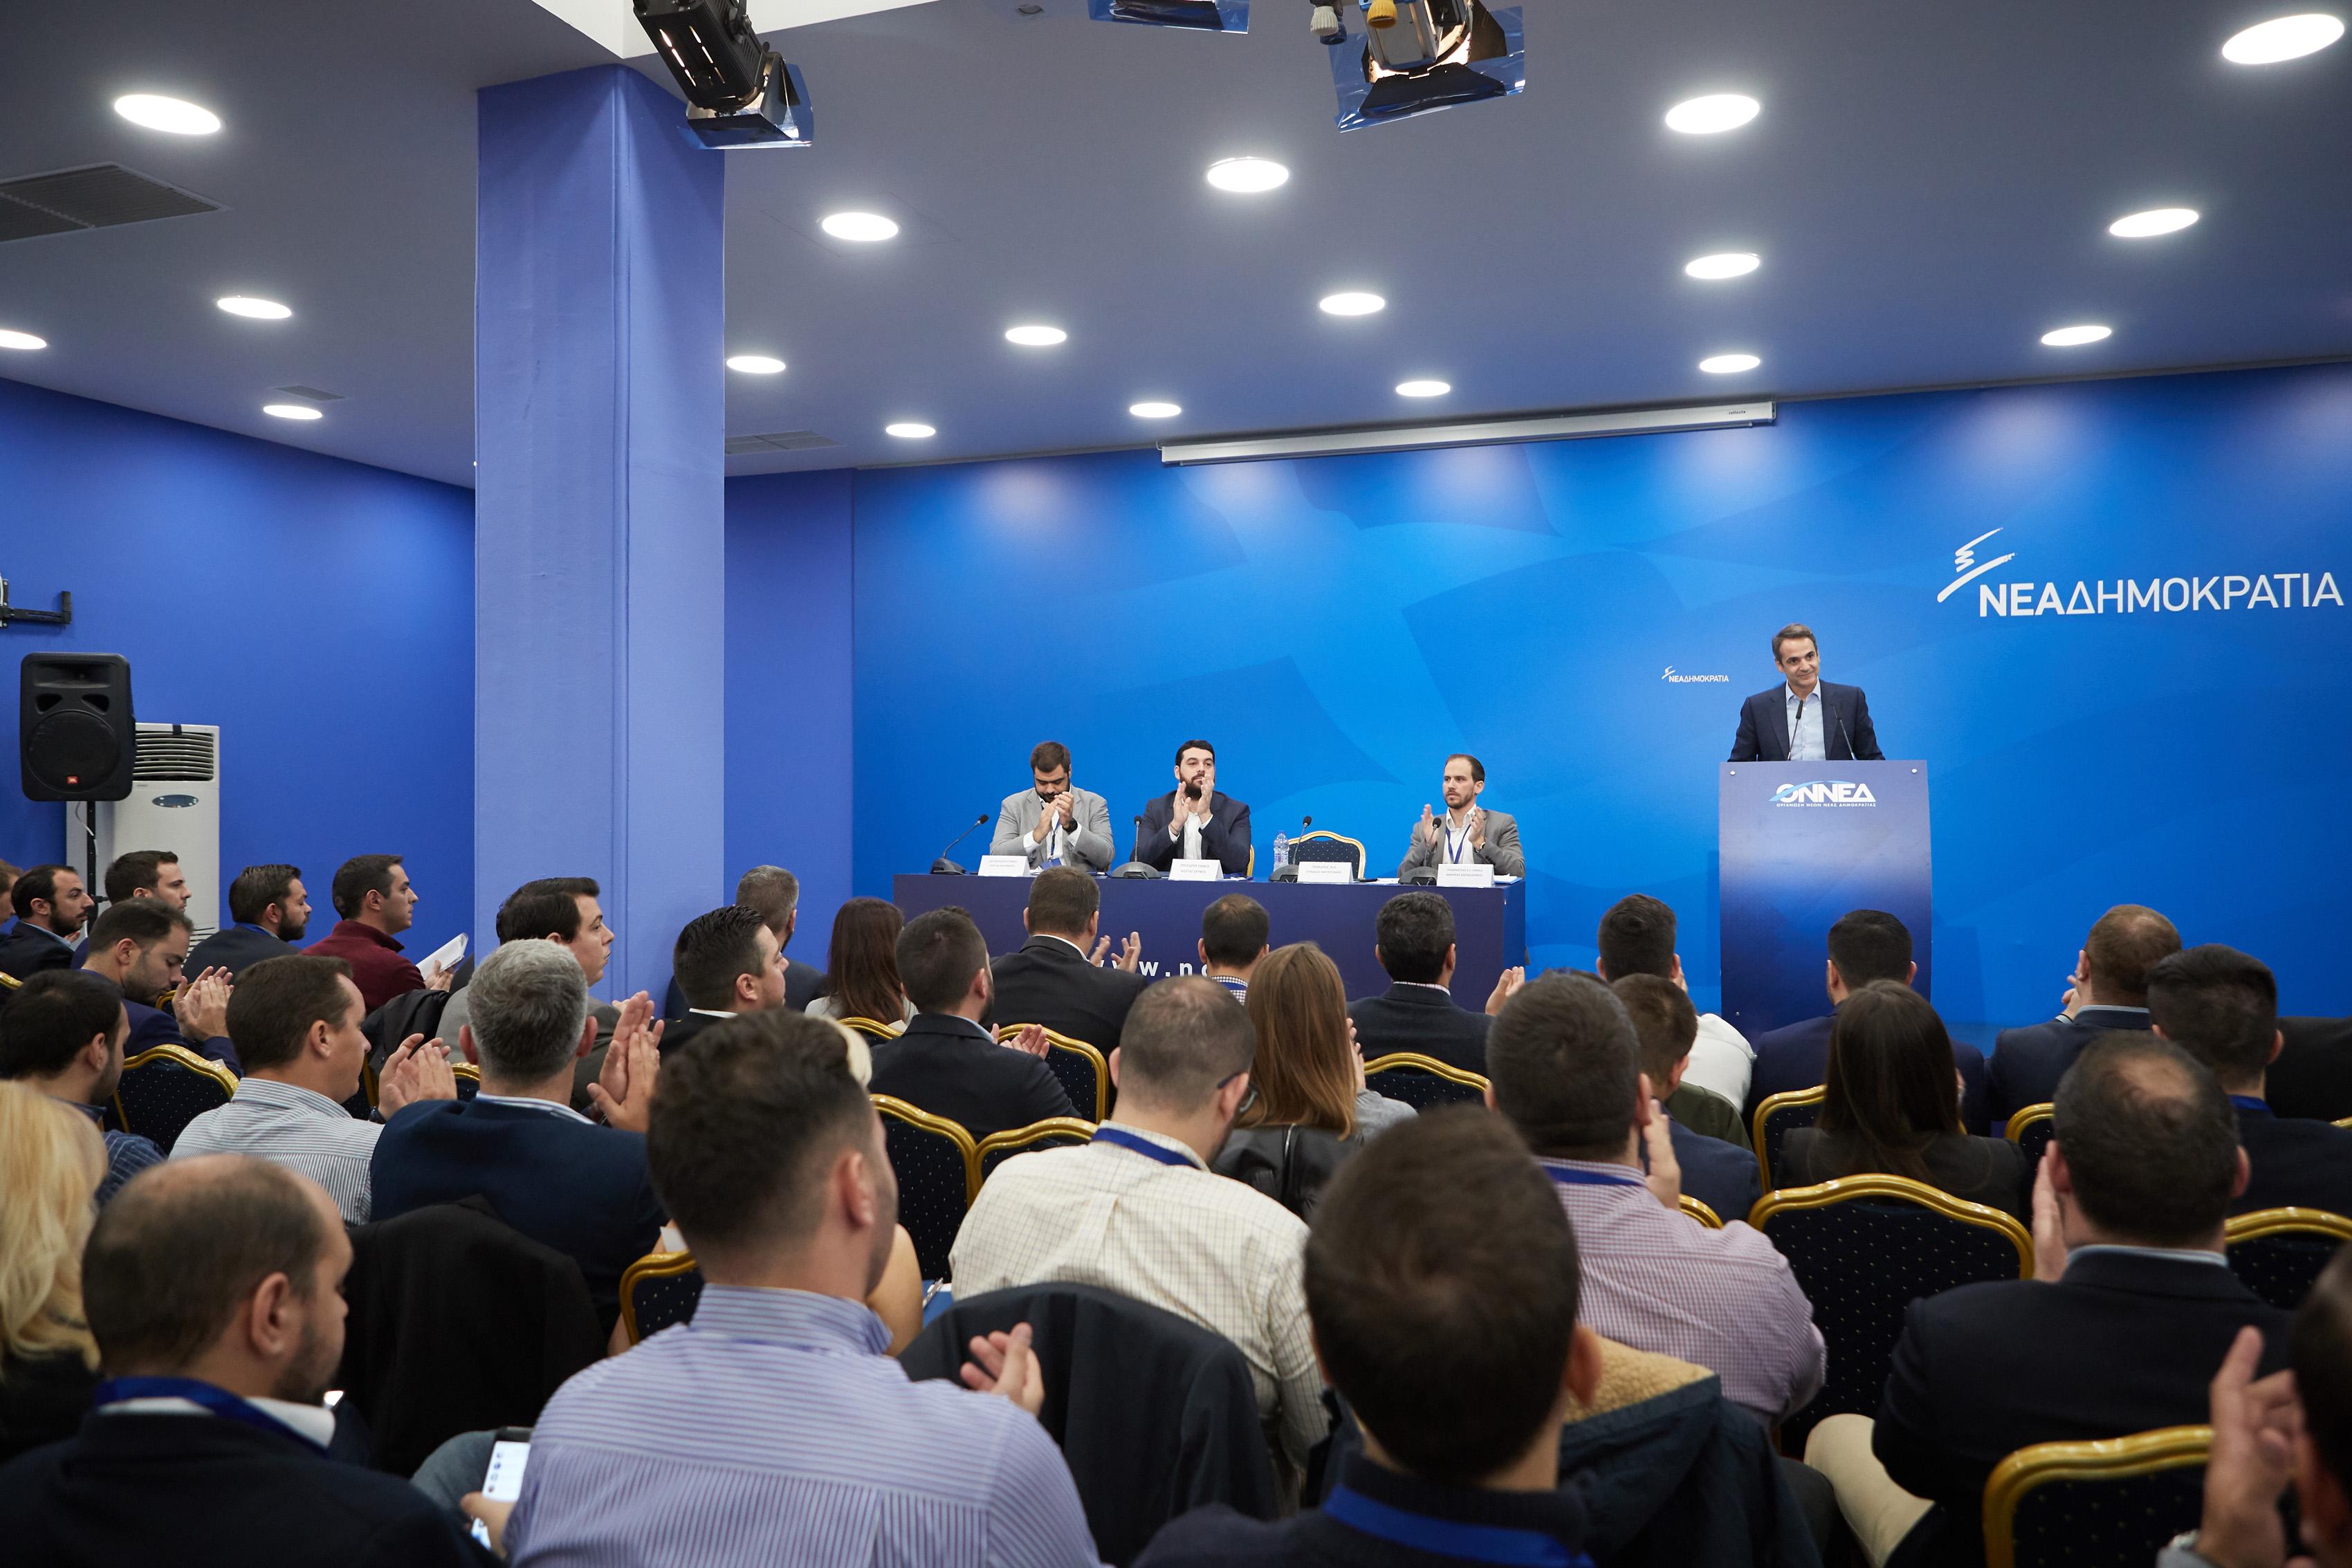 4η Τακτική Σύνοδος Κεντρικής Επιτροπής της ΟΝΝΕΔ